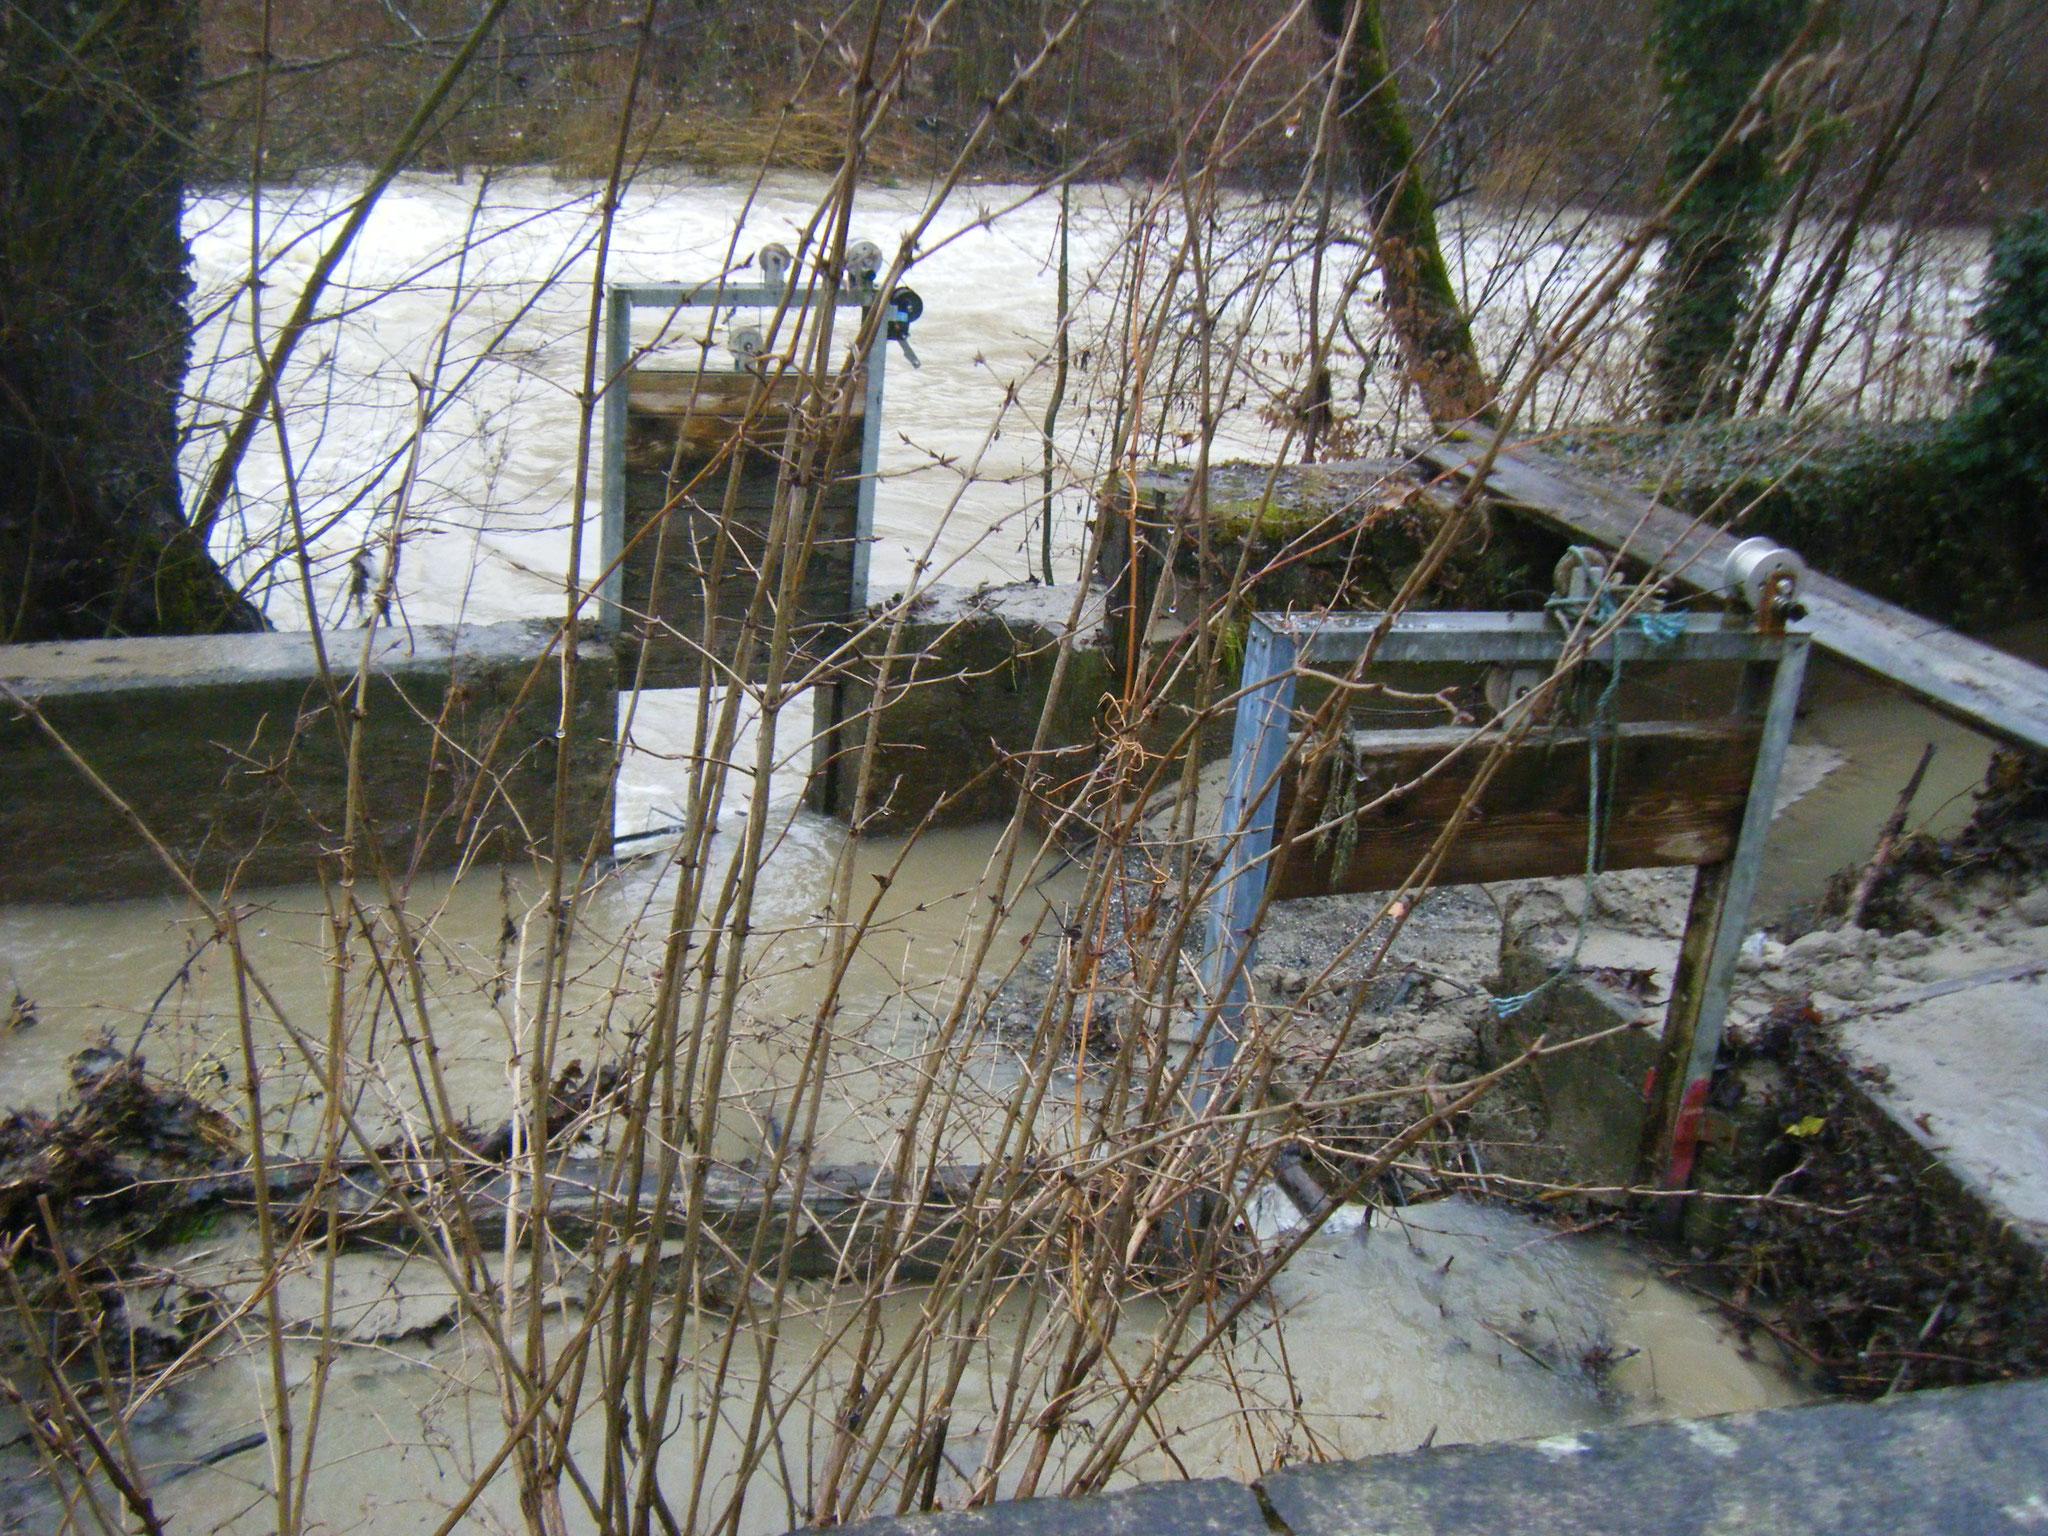 jedes größere Hochwasser macht hier die Wehranlage unbrauchbar und erfordert anschließend umfassende Reinigungsarbeiten